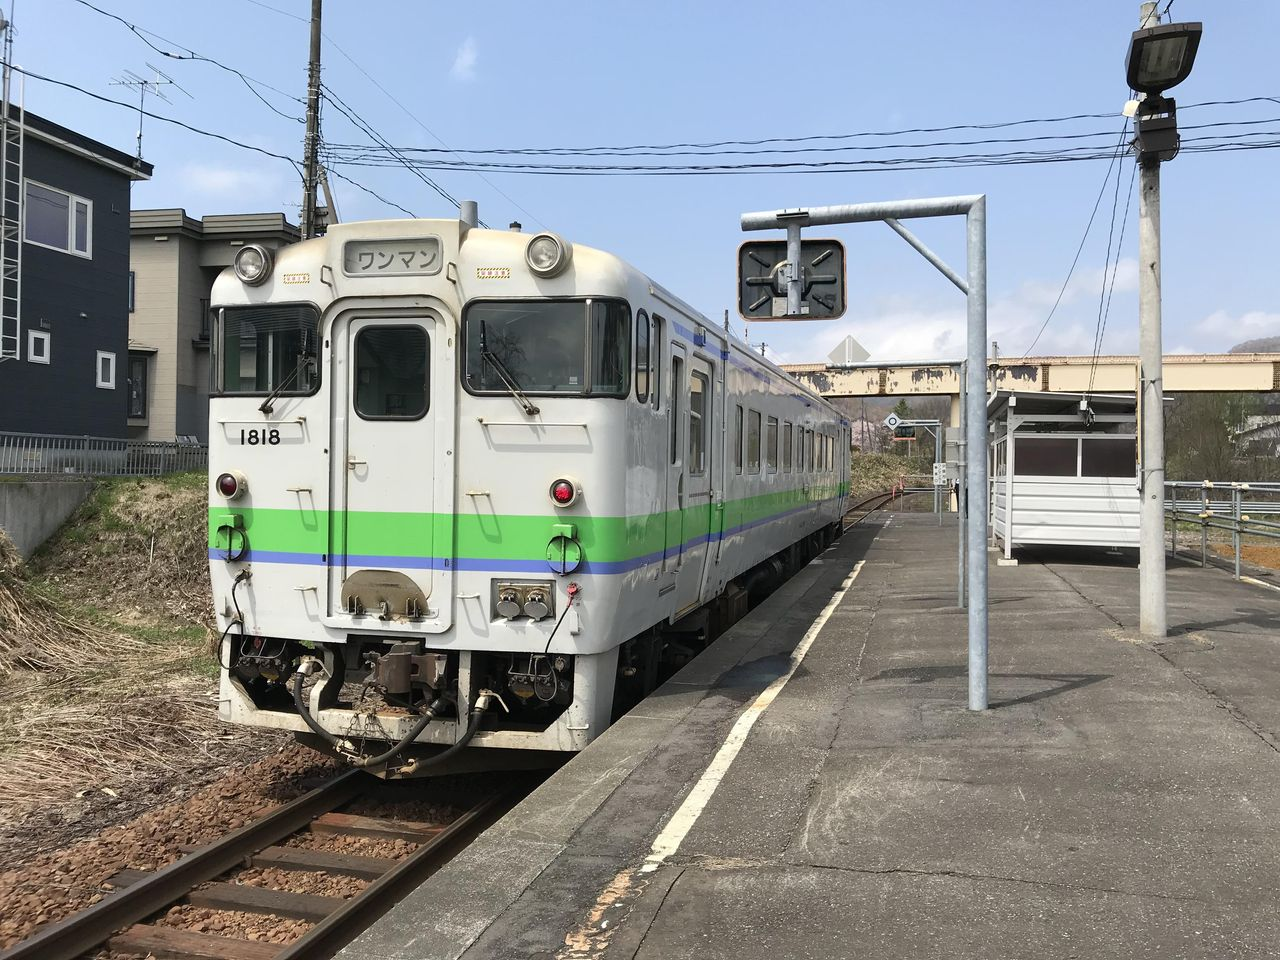 【鉄道】JR北海道,新千歳空港アクセス強化へ - 2両ワンマン電車新製も ...